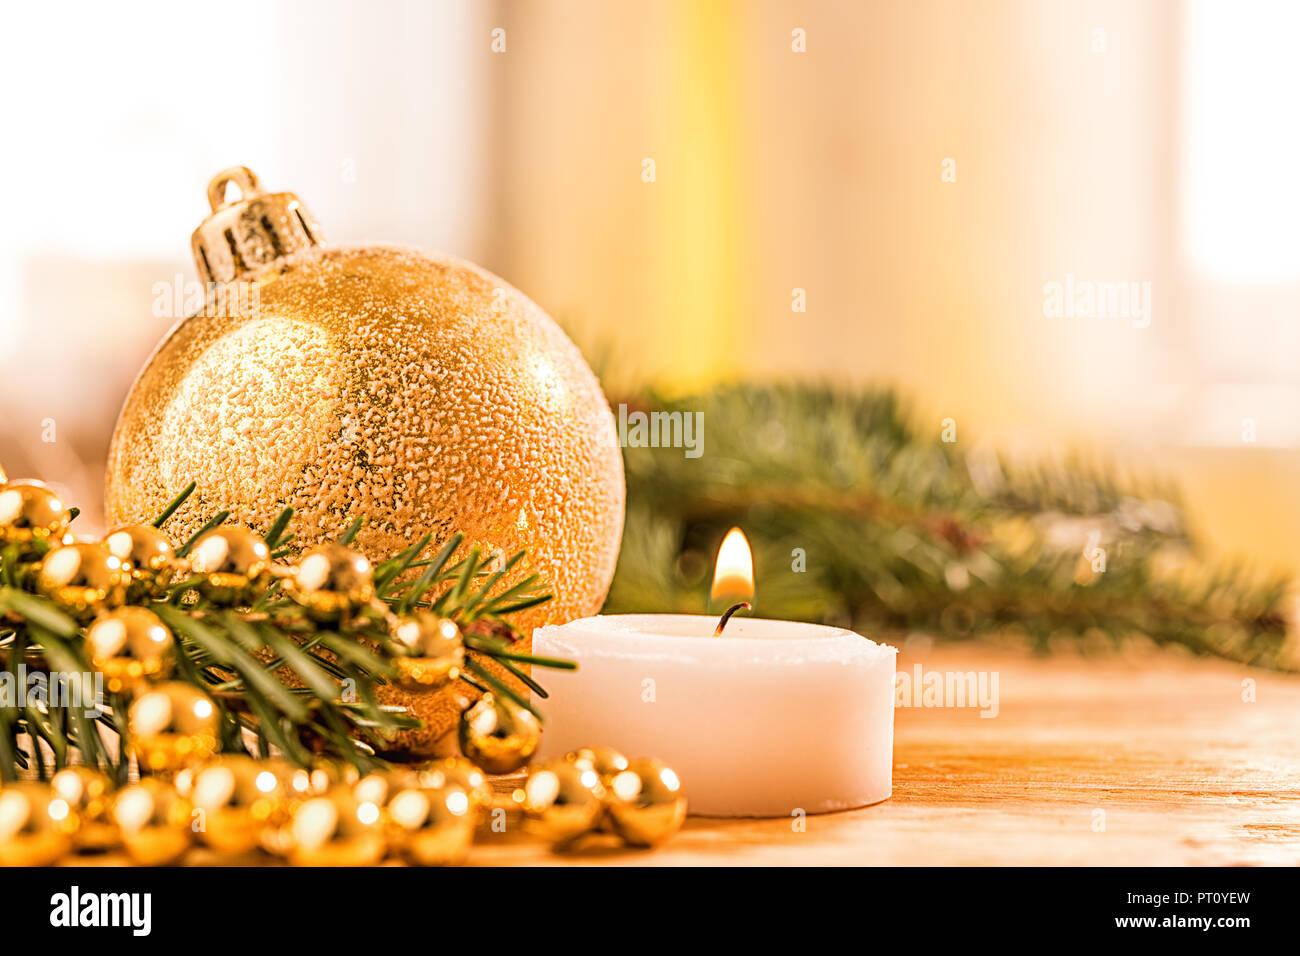 Goldene christbaumkugel mit Tannenzweig, Kerze,  Lichter und Deko - Stock Image